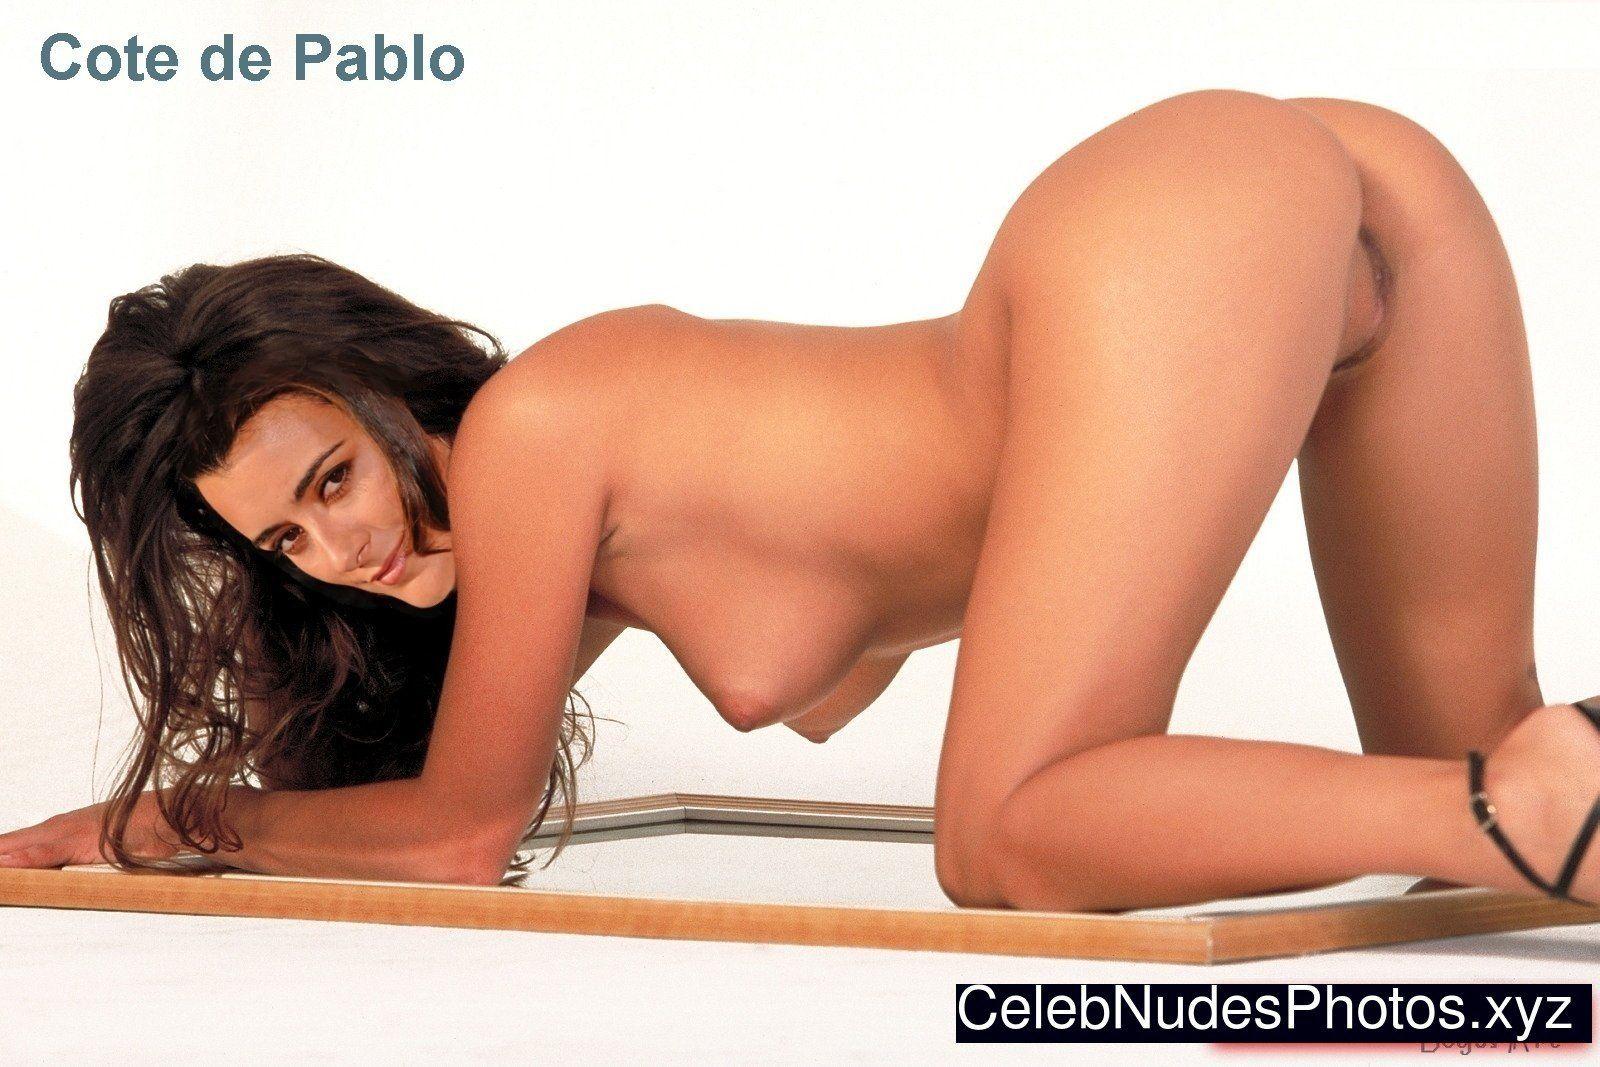 Cote de pablo naked sayings 23+ Cote de Pablo Hot Pics,